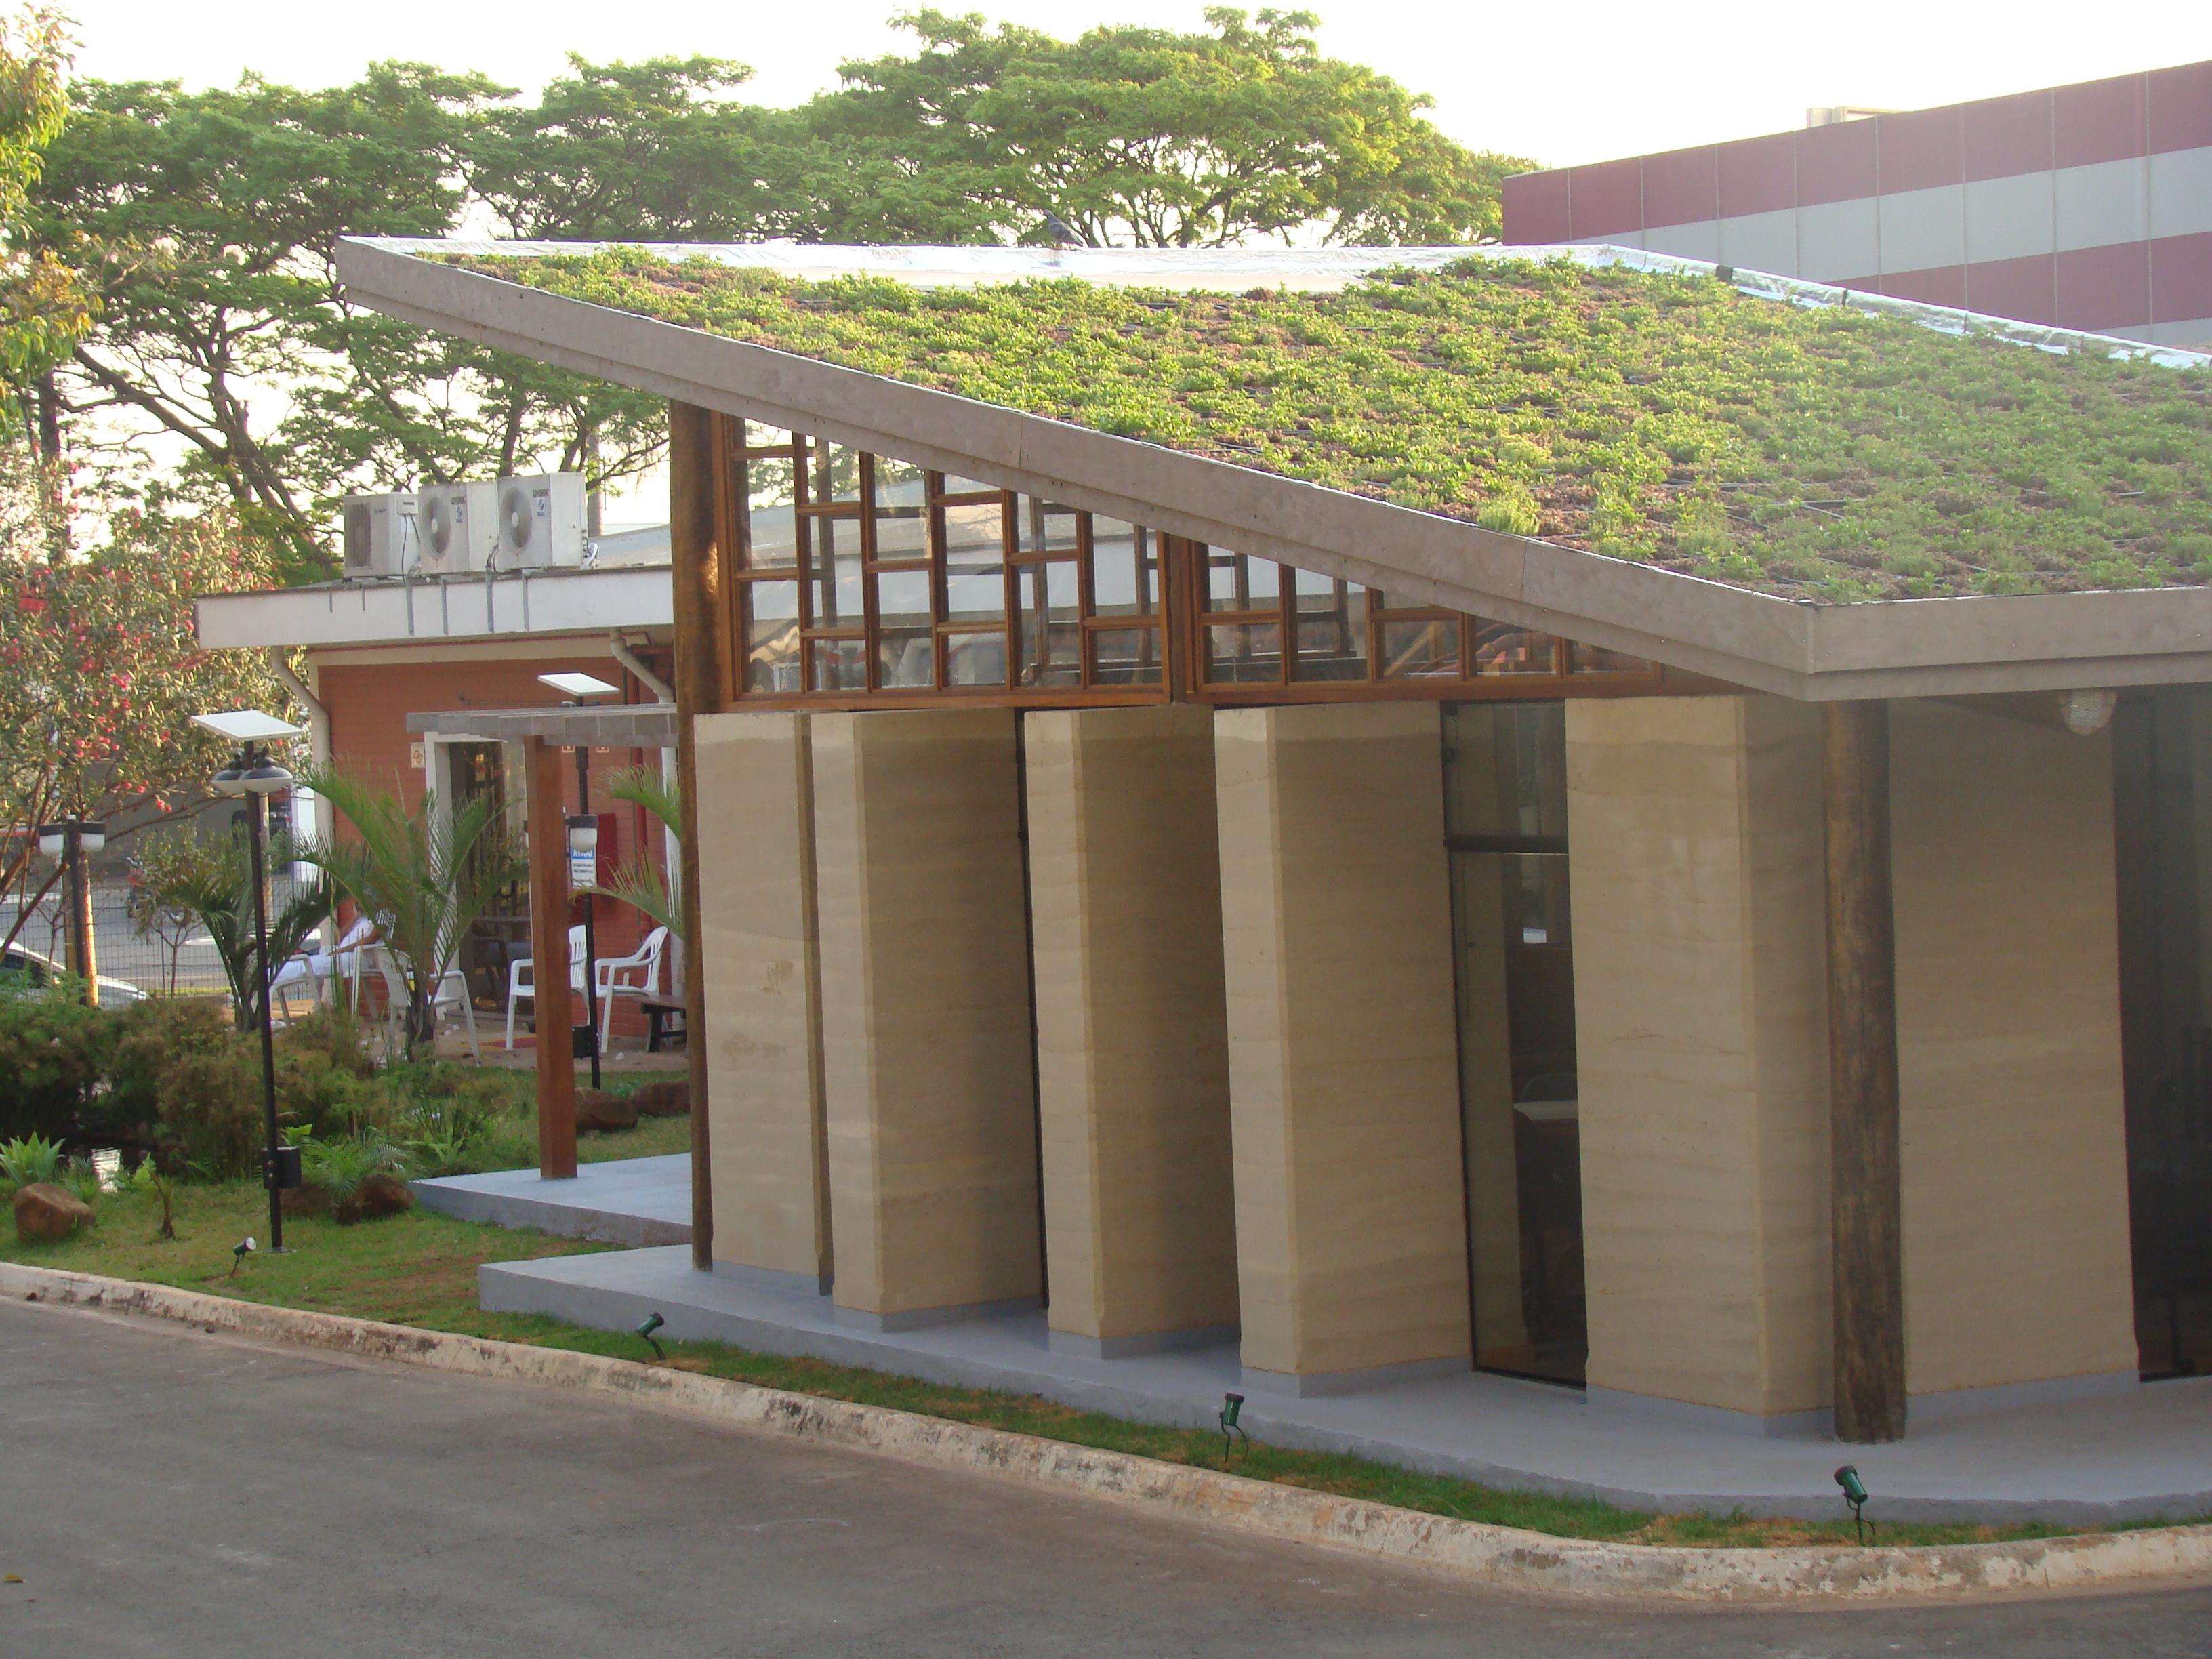 Telhado verde Kraft Foods – Piracicaba – Blog Cidade Jardim #878644 3264x2448